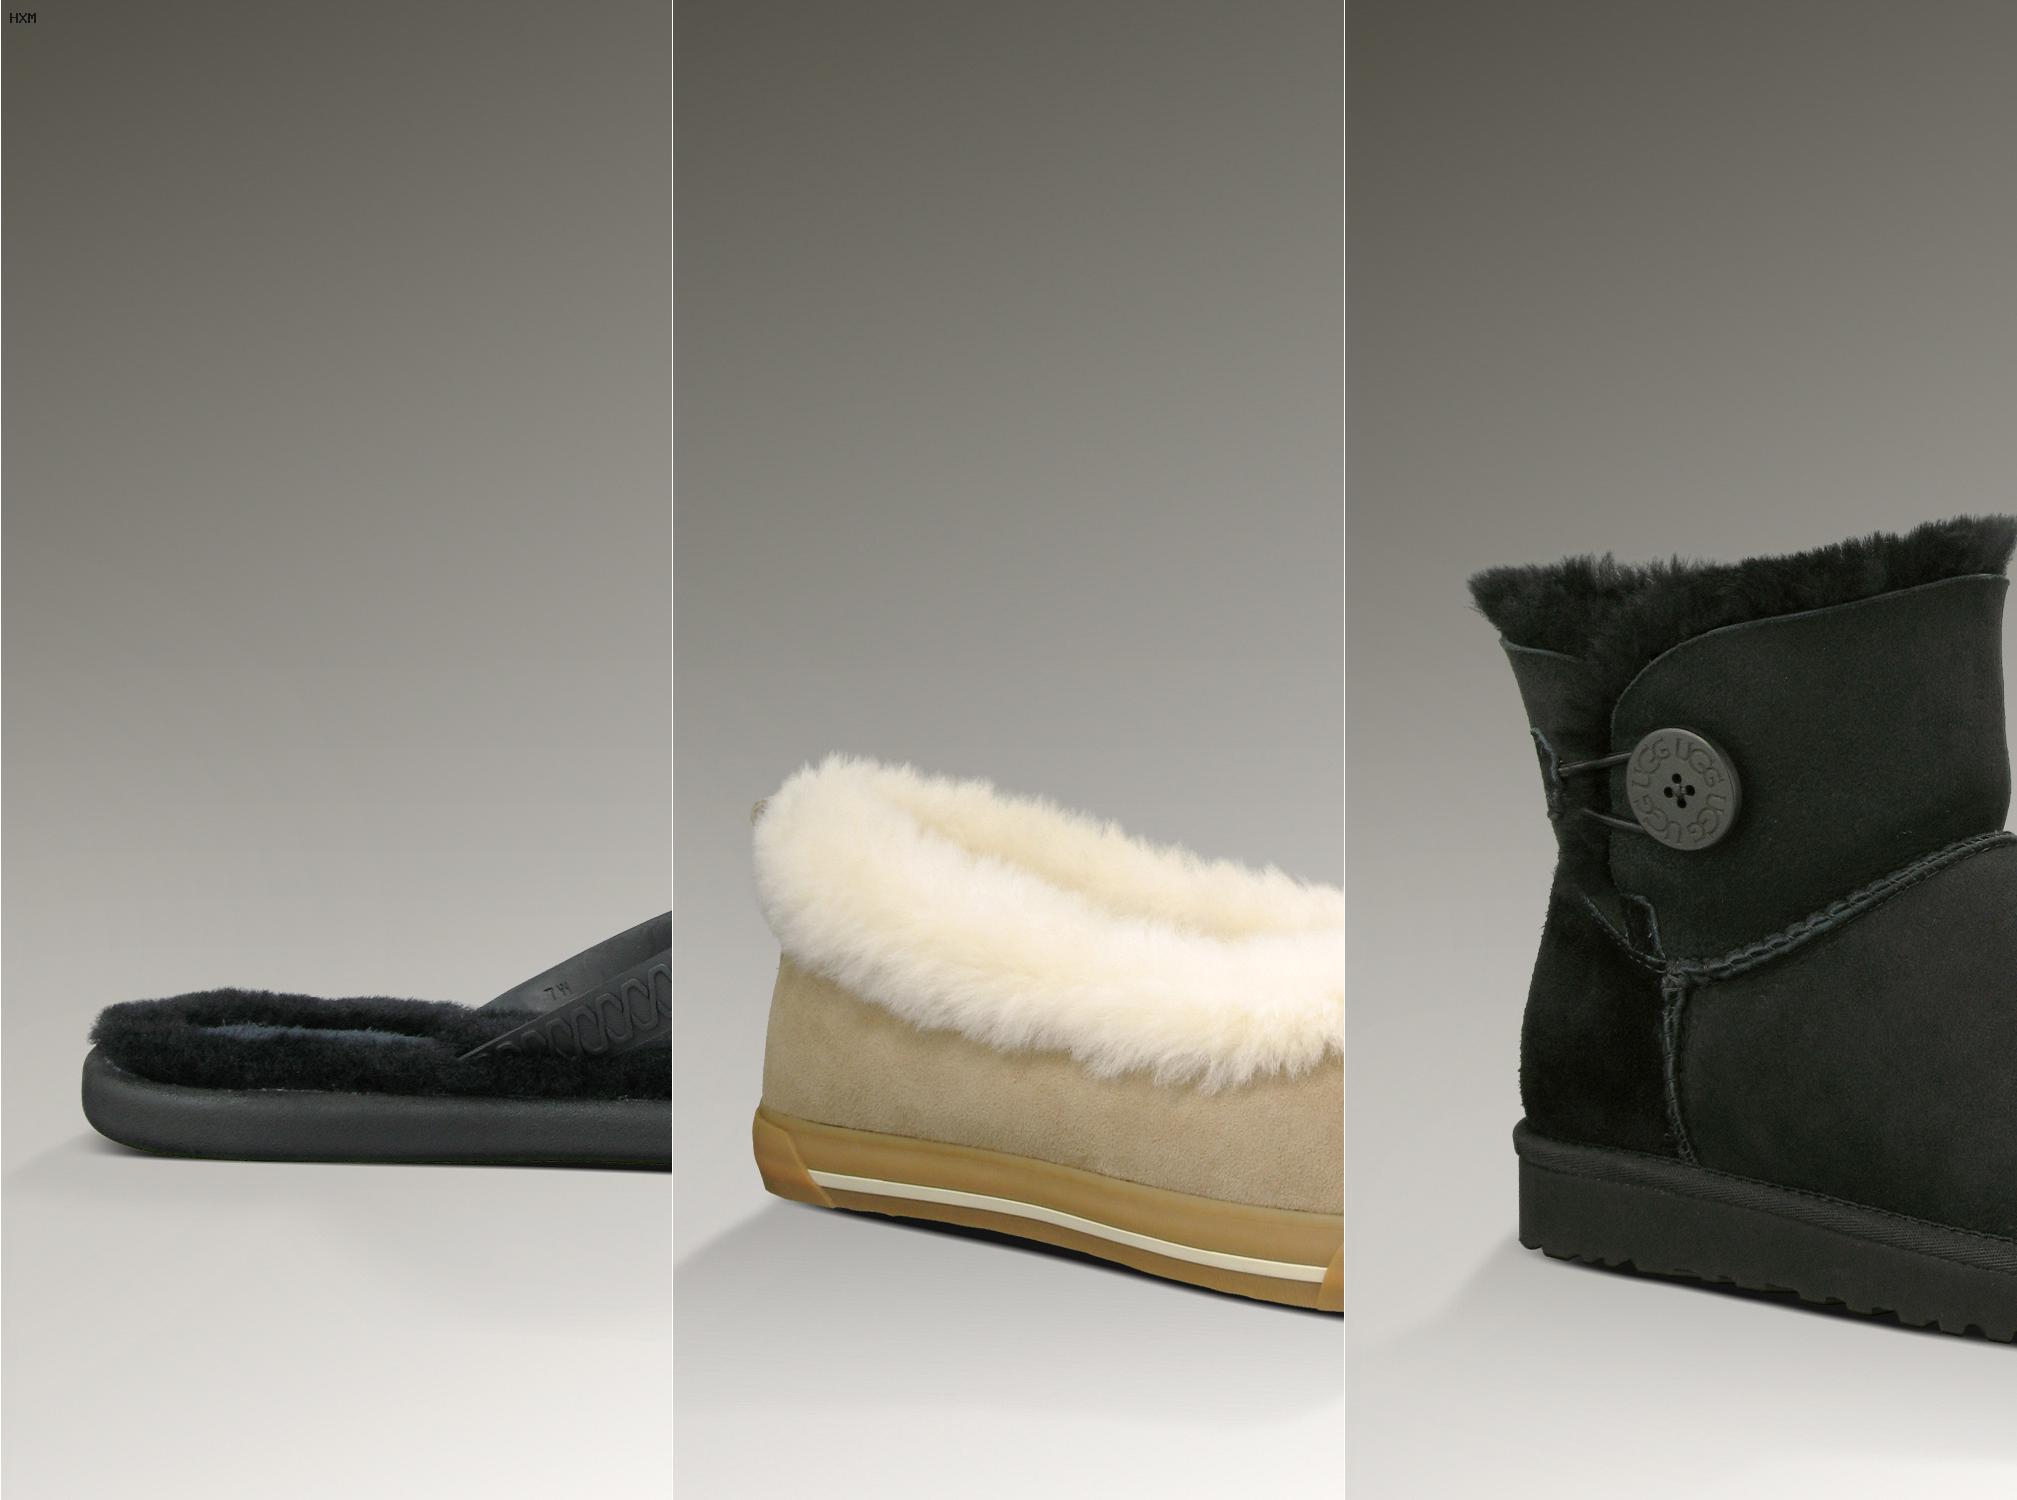 ugg boots prix maroc